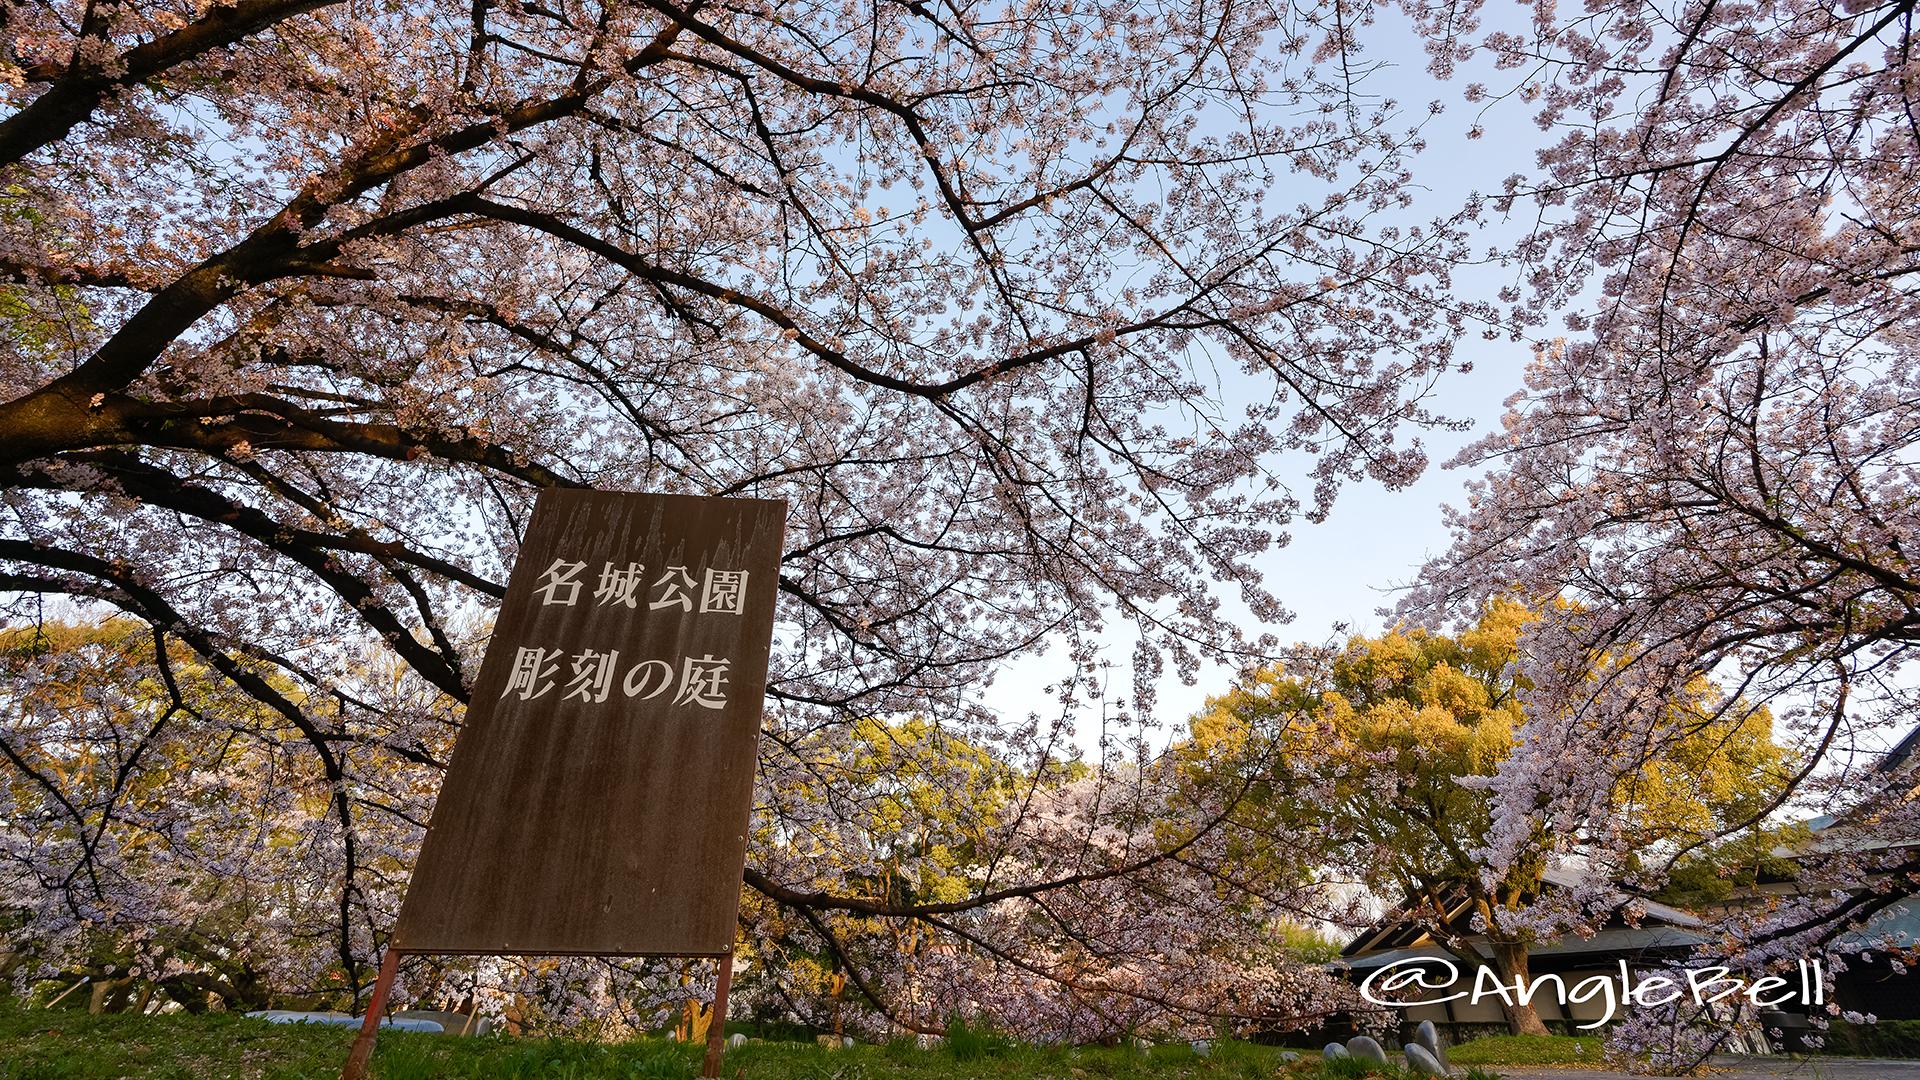 早朝 名城公園 彫刻の庭 March 2018